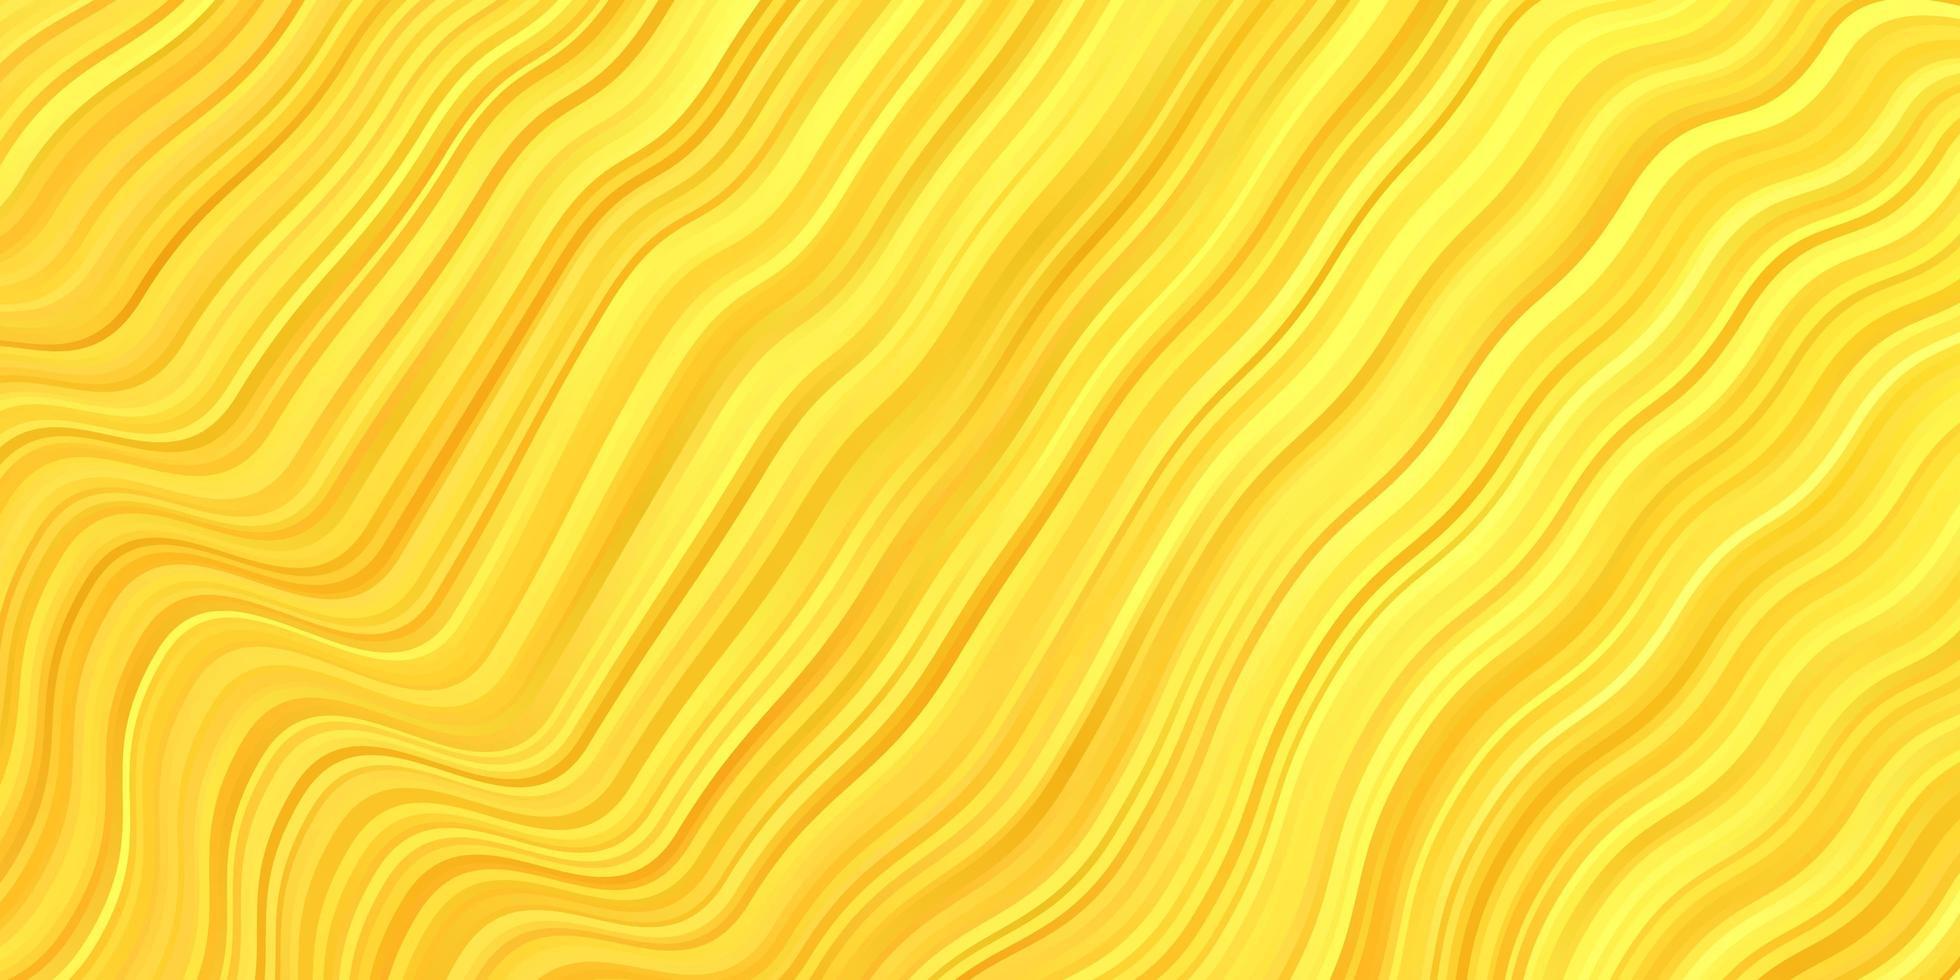 disposition de vecteur jaune foncé avec arc circulaire.